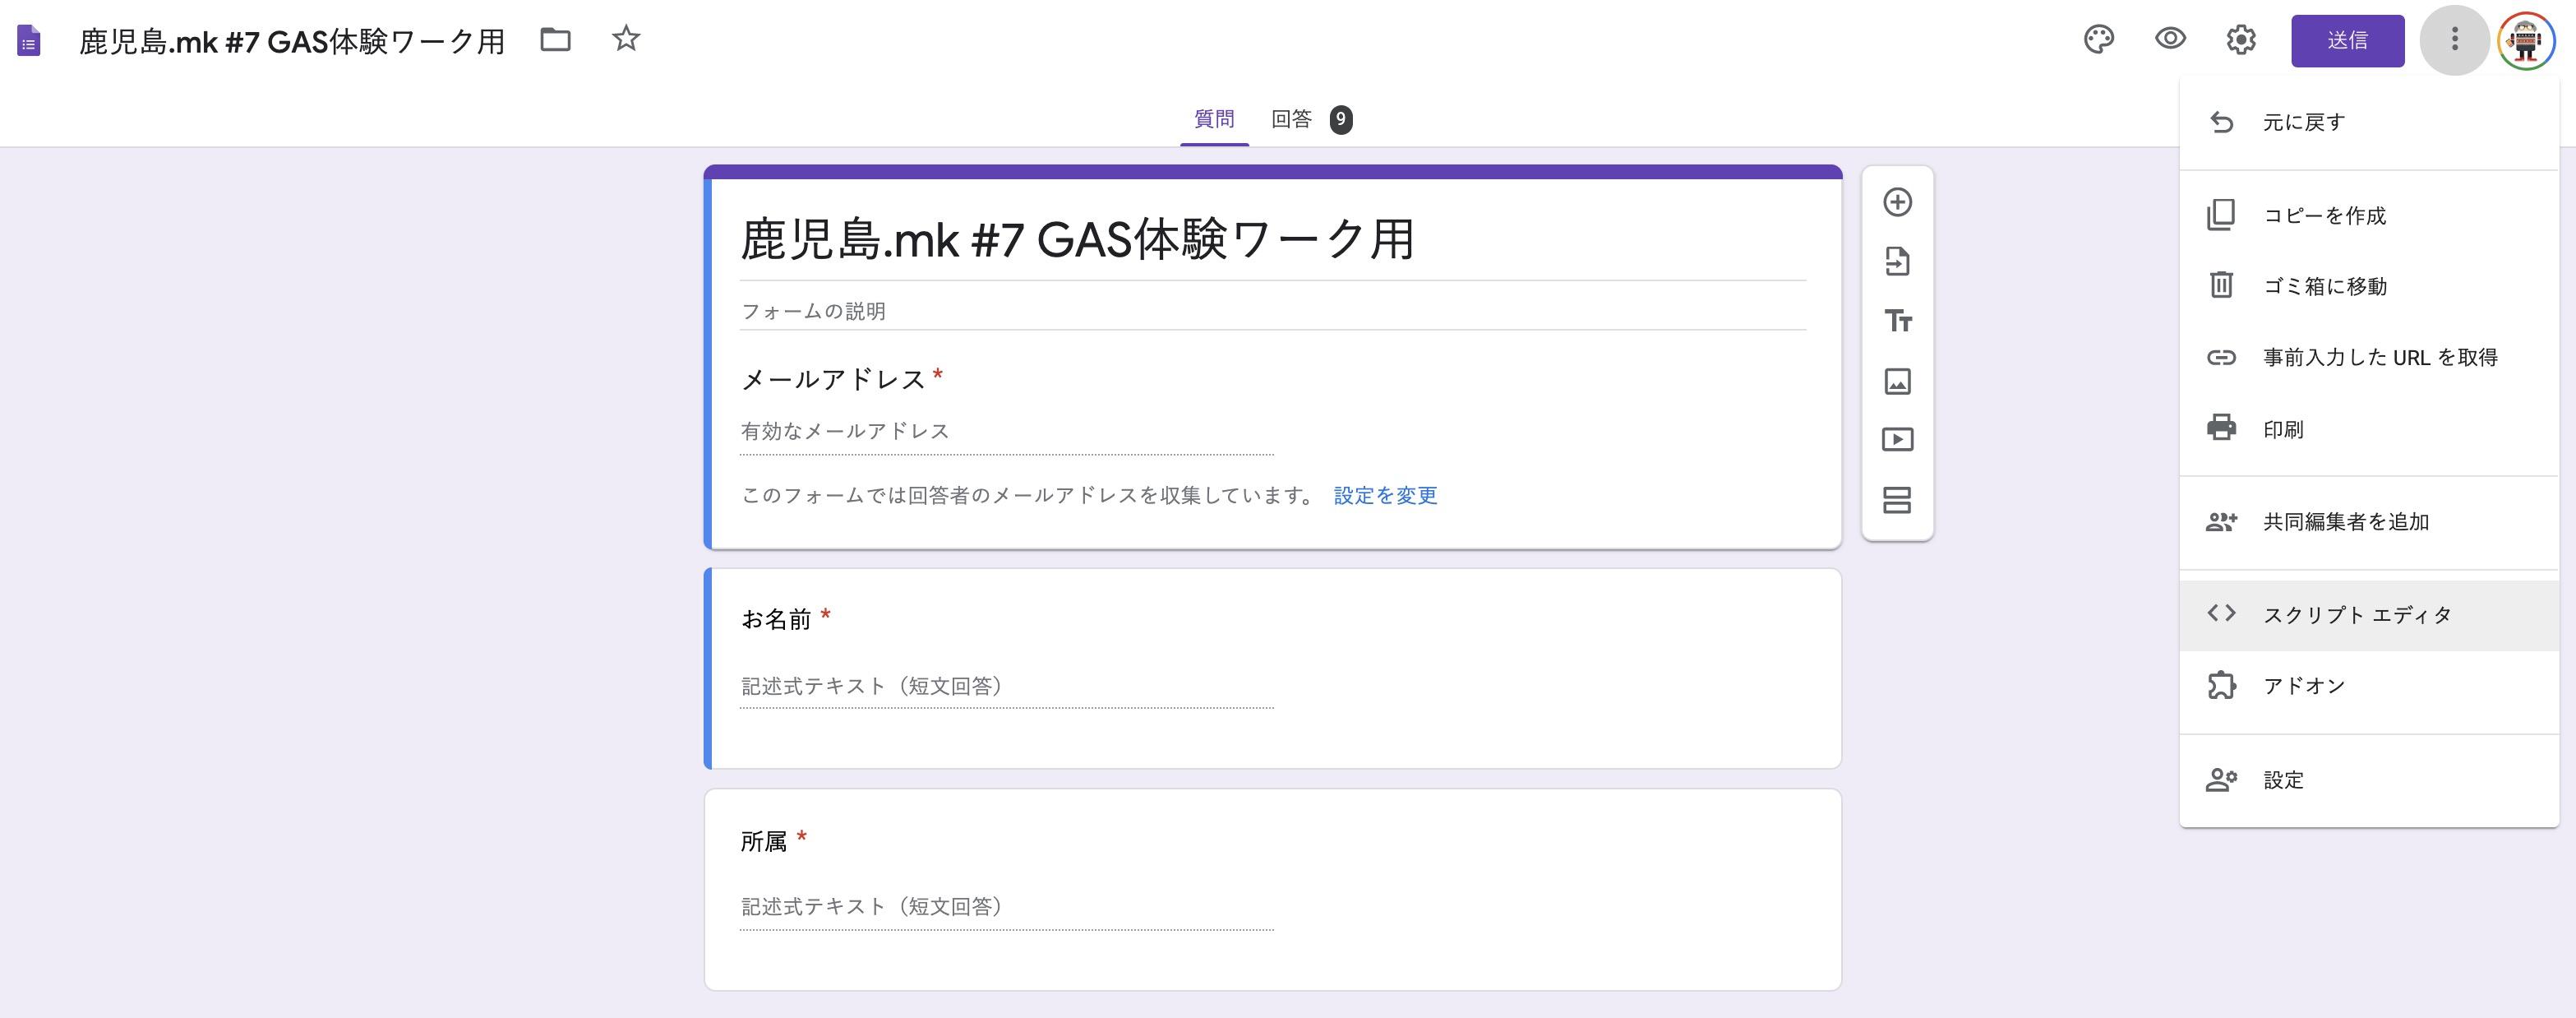 スクリーンショット 2020-02-26 8.46.34.jpg